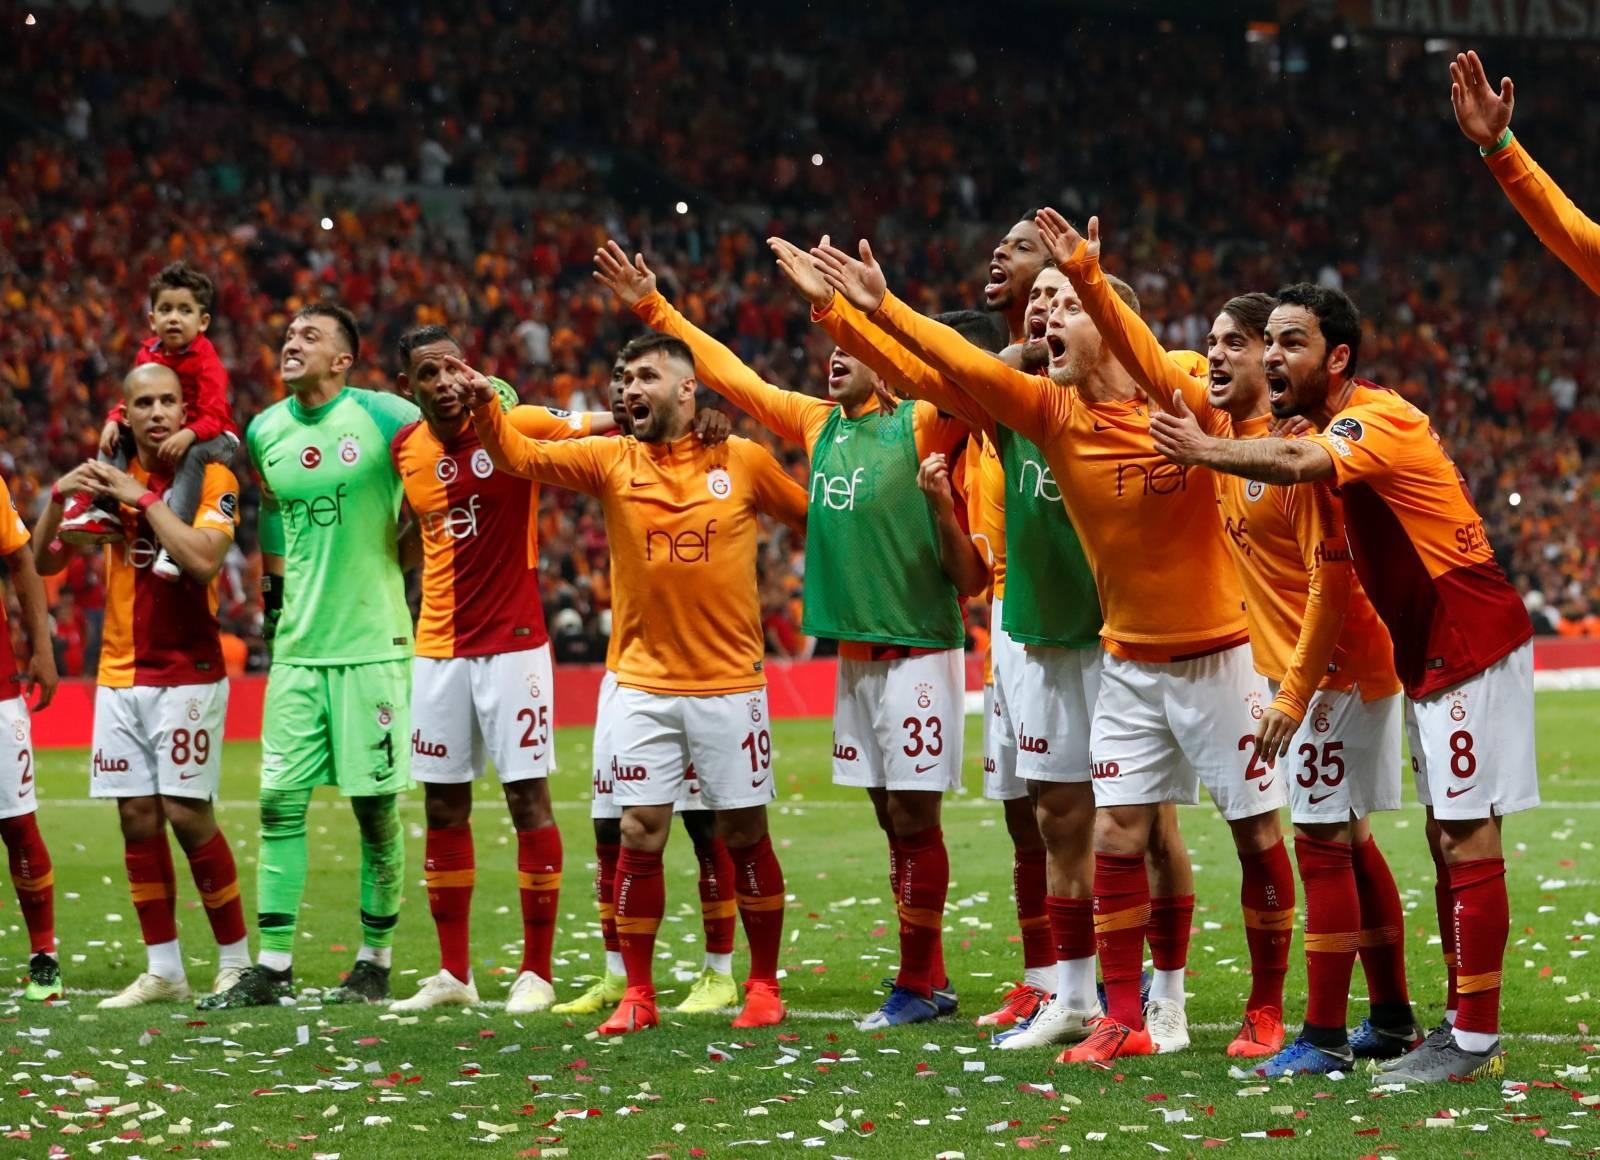 Super Lig - Galatasaray v Besiktas